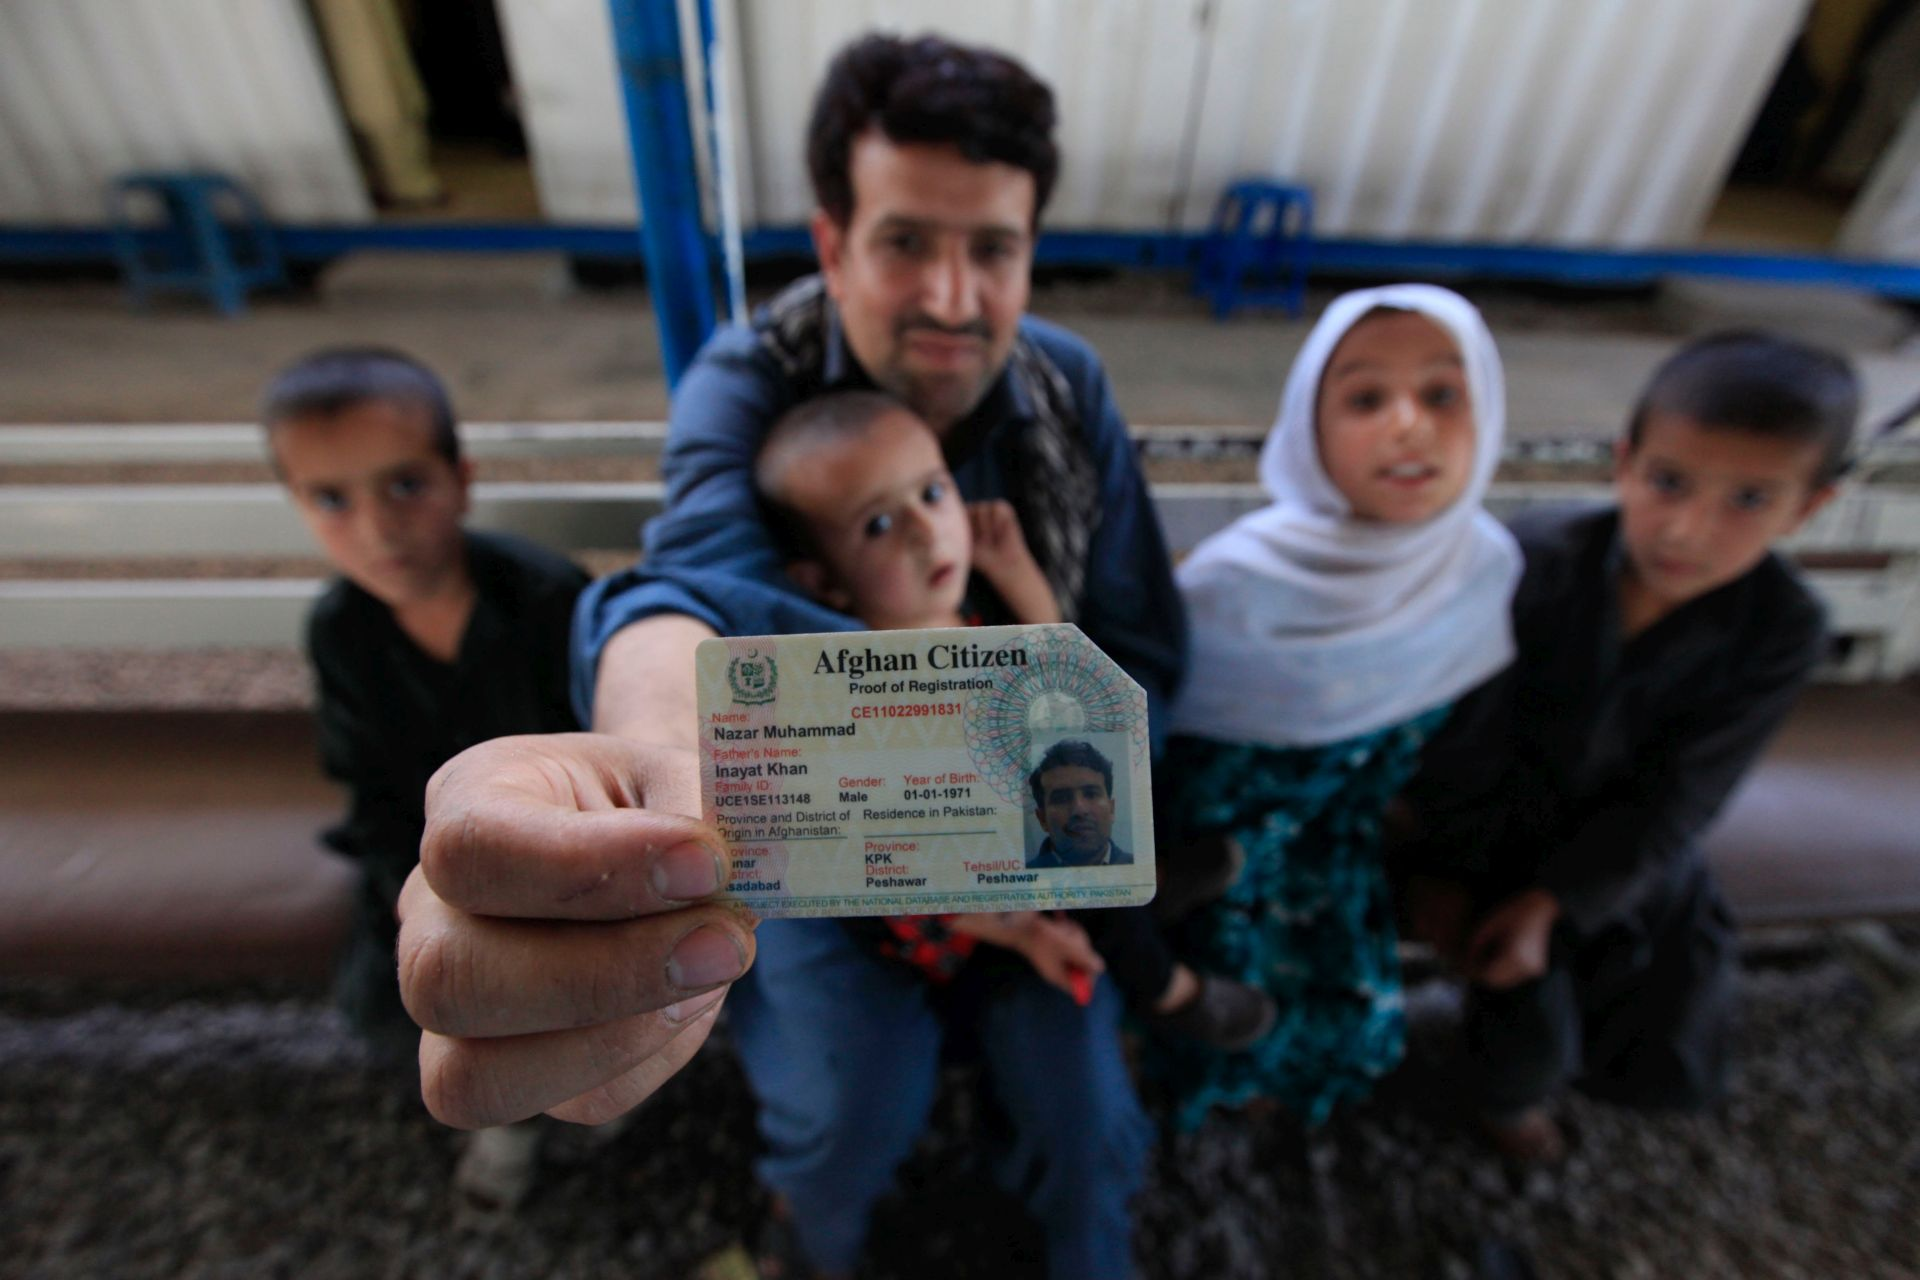 IZVJEŠĆE POKAZALO: Gotovo 86.000 zahtjeva za azilom prošle godine u Francuskoj